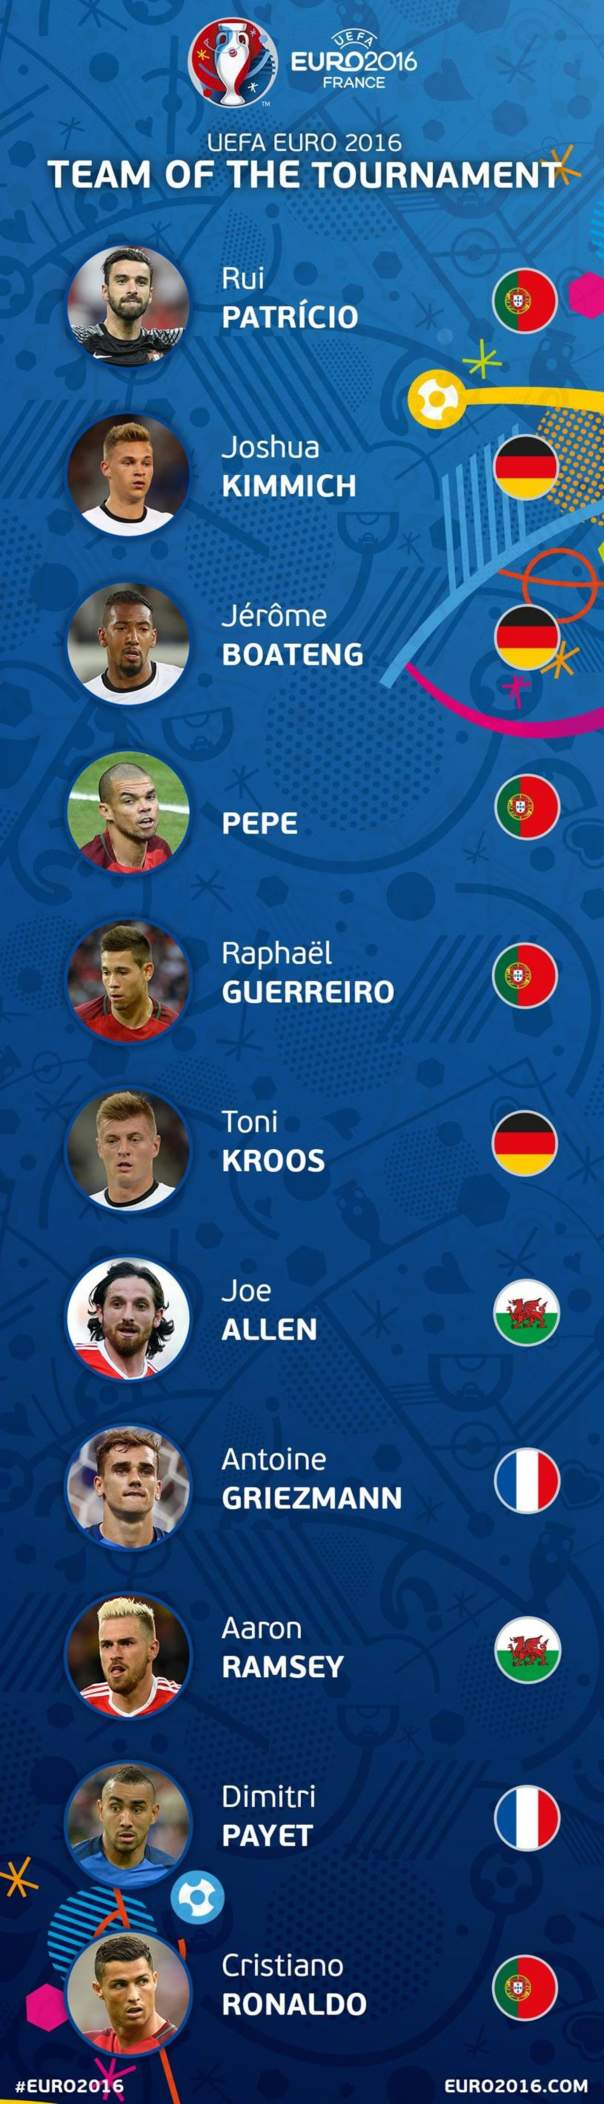 Основные достижения Евро-2016